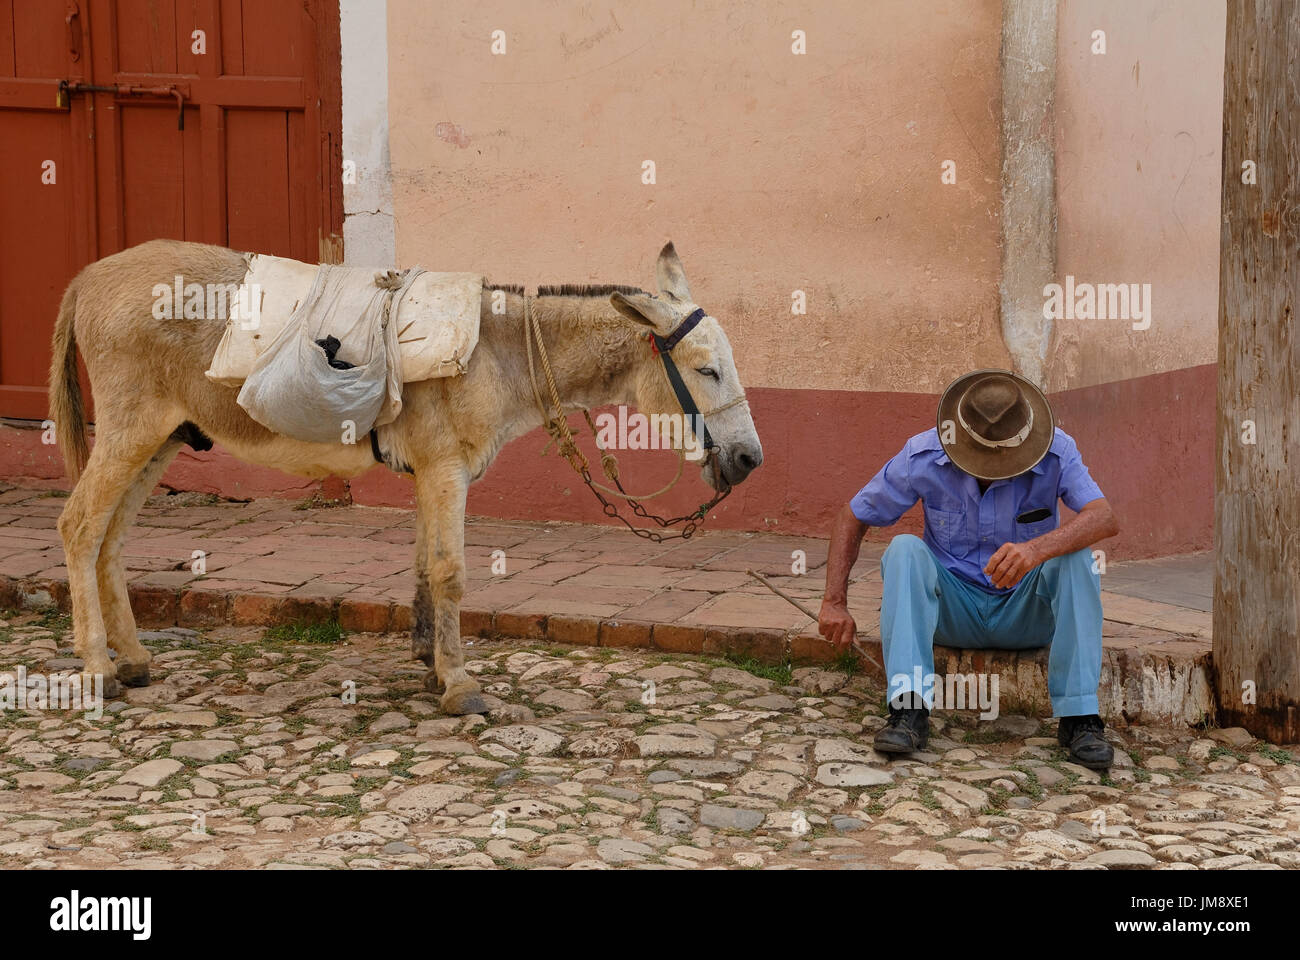 Ein Mann sitzt und ruht auf dem Bürgersteig in einer der Straßen in den alten, kolonialen, Teil von Trinidad Stockbild